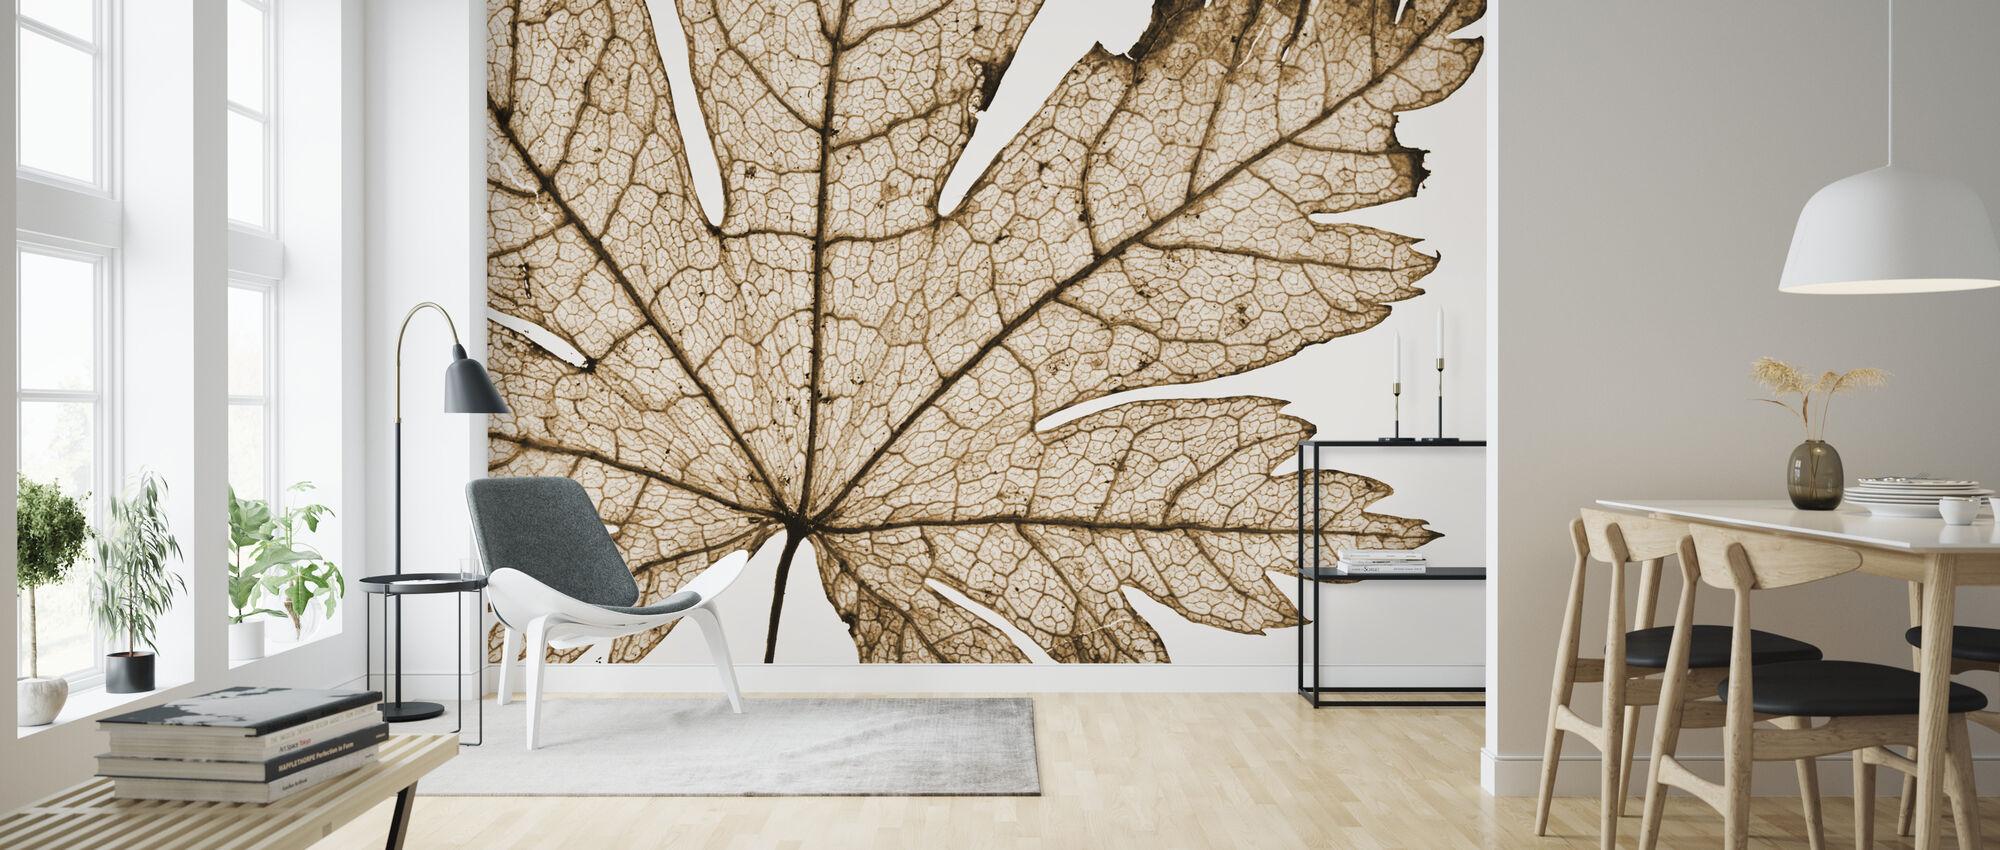 Blad Detail - Behang - Woonkamer